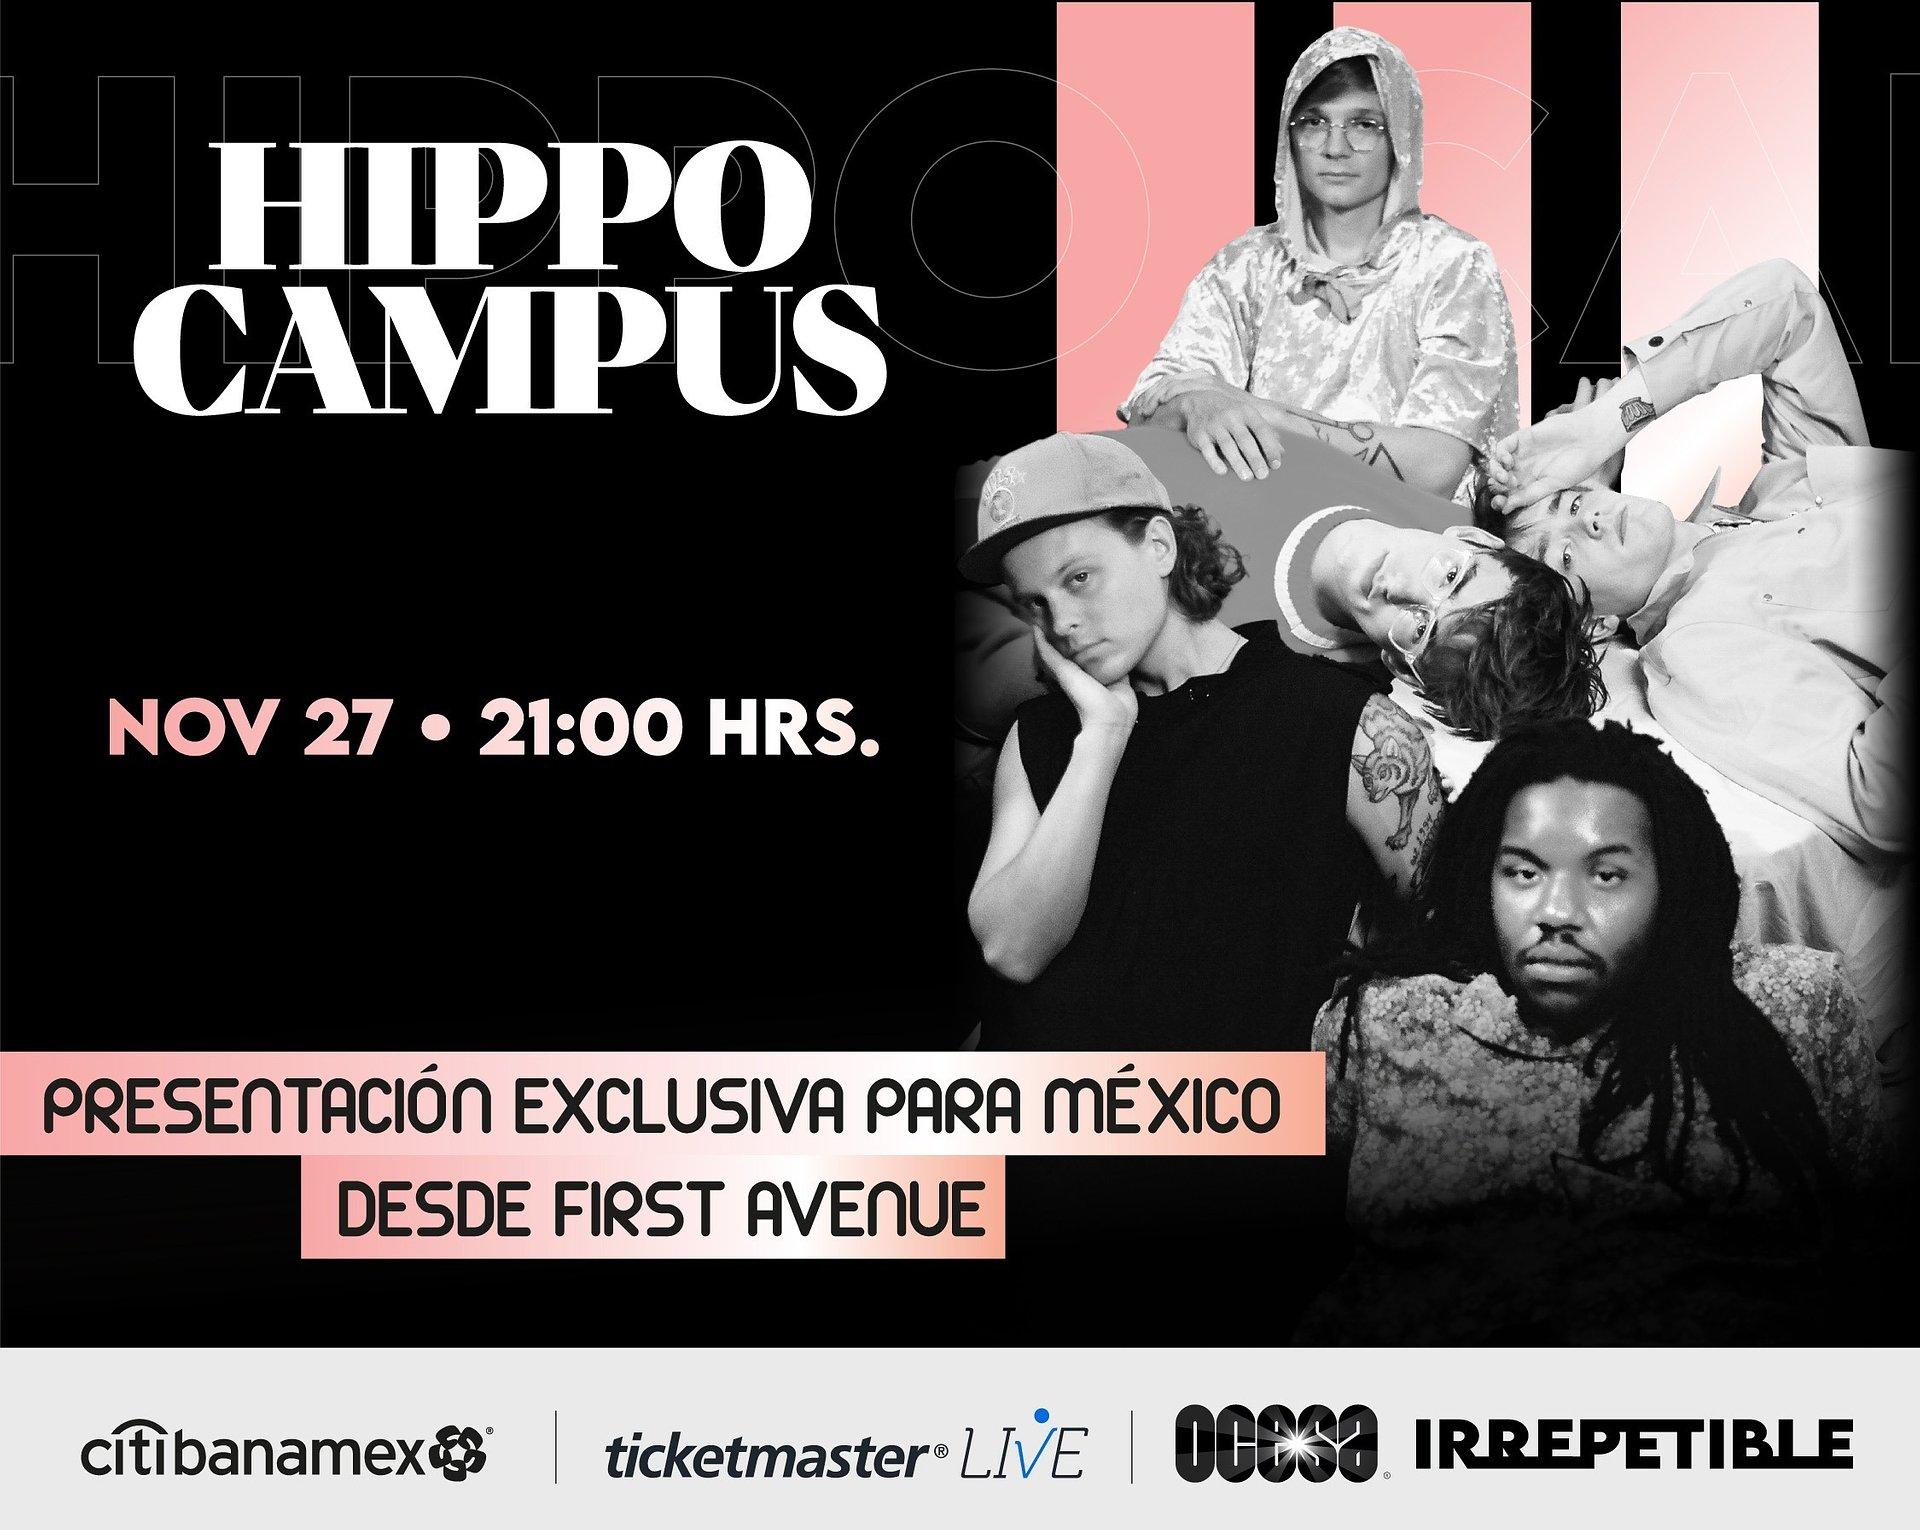 Hippo Campus en concierto IRREPETIBLE